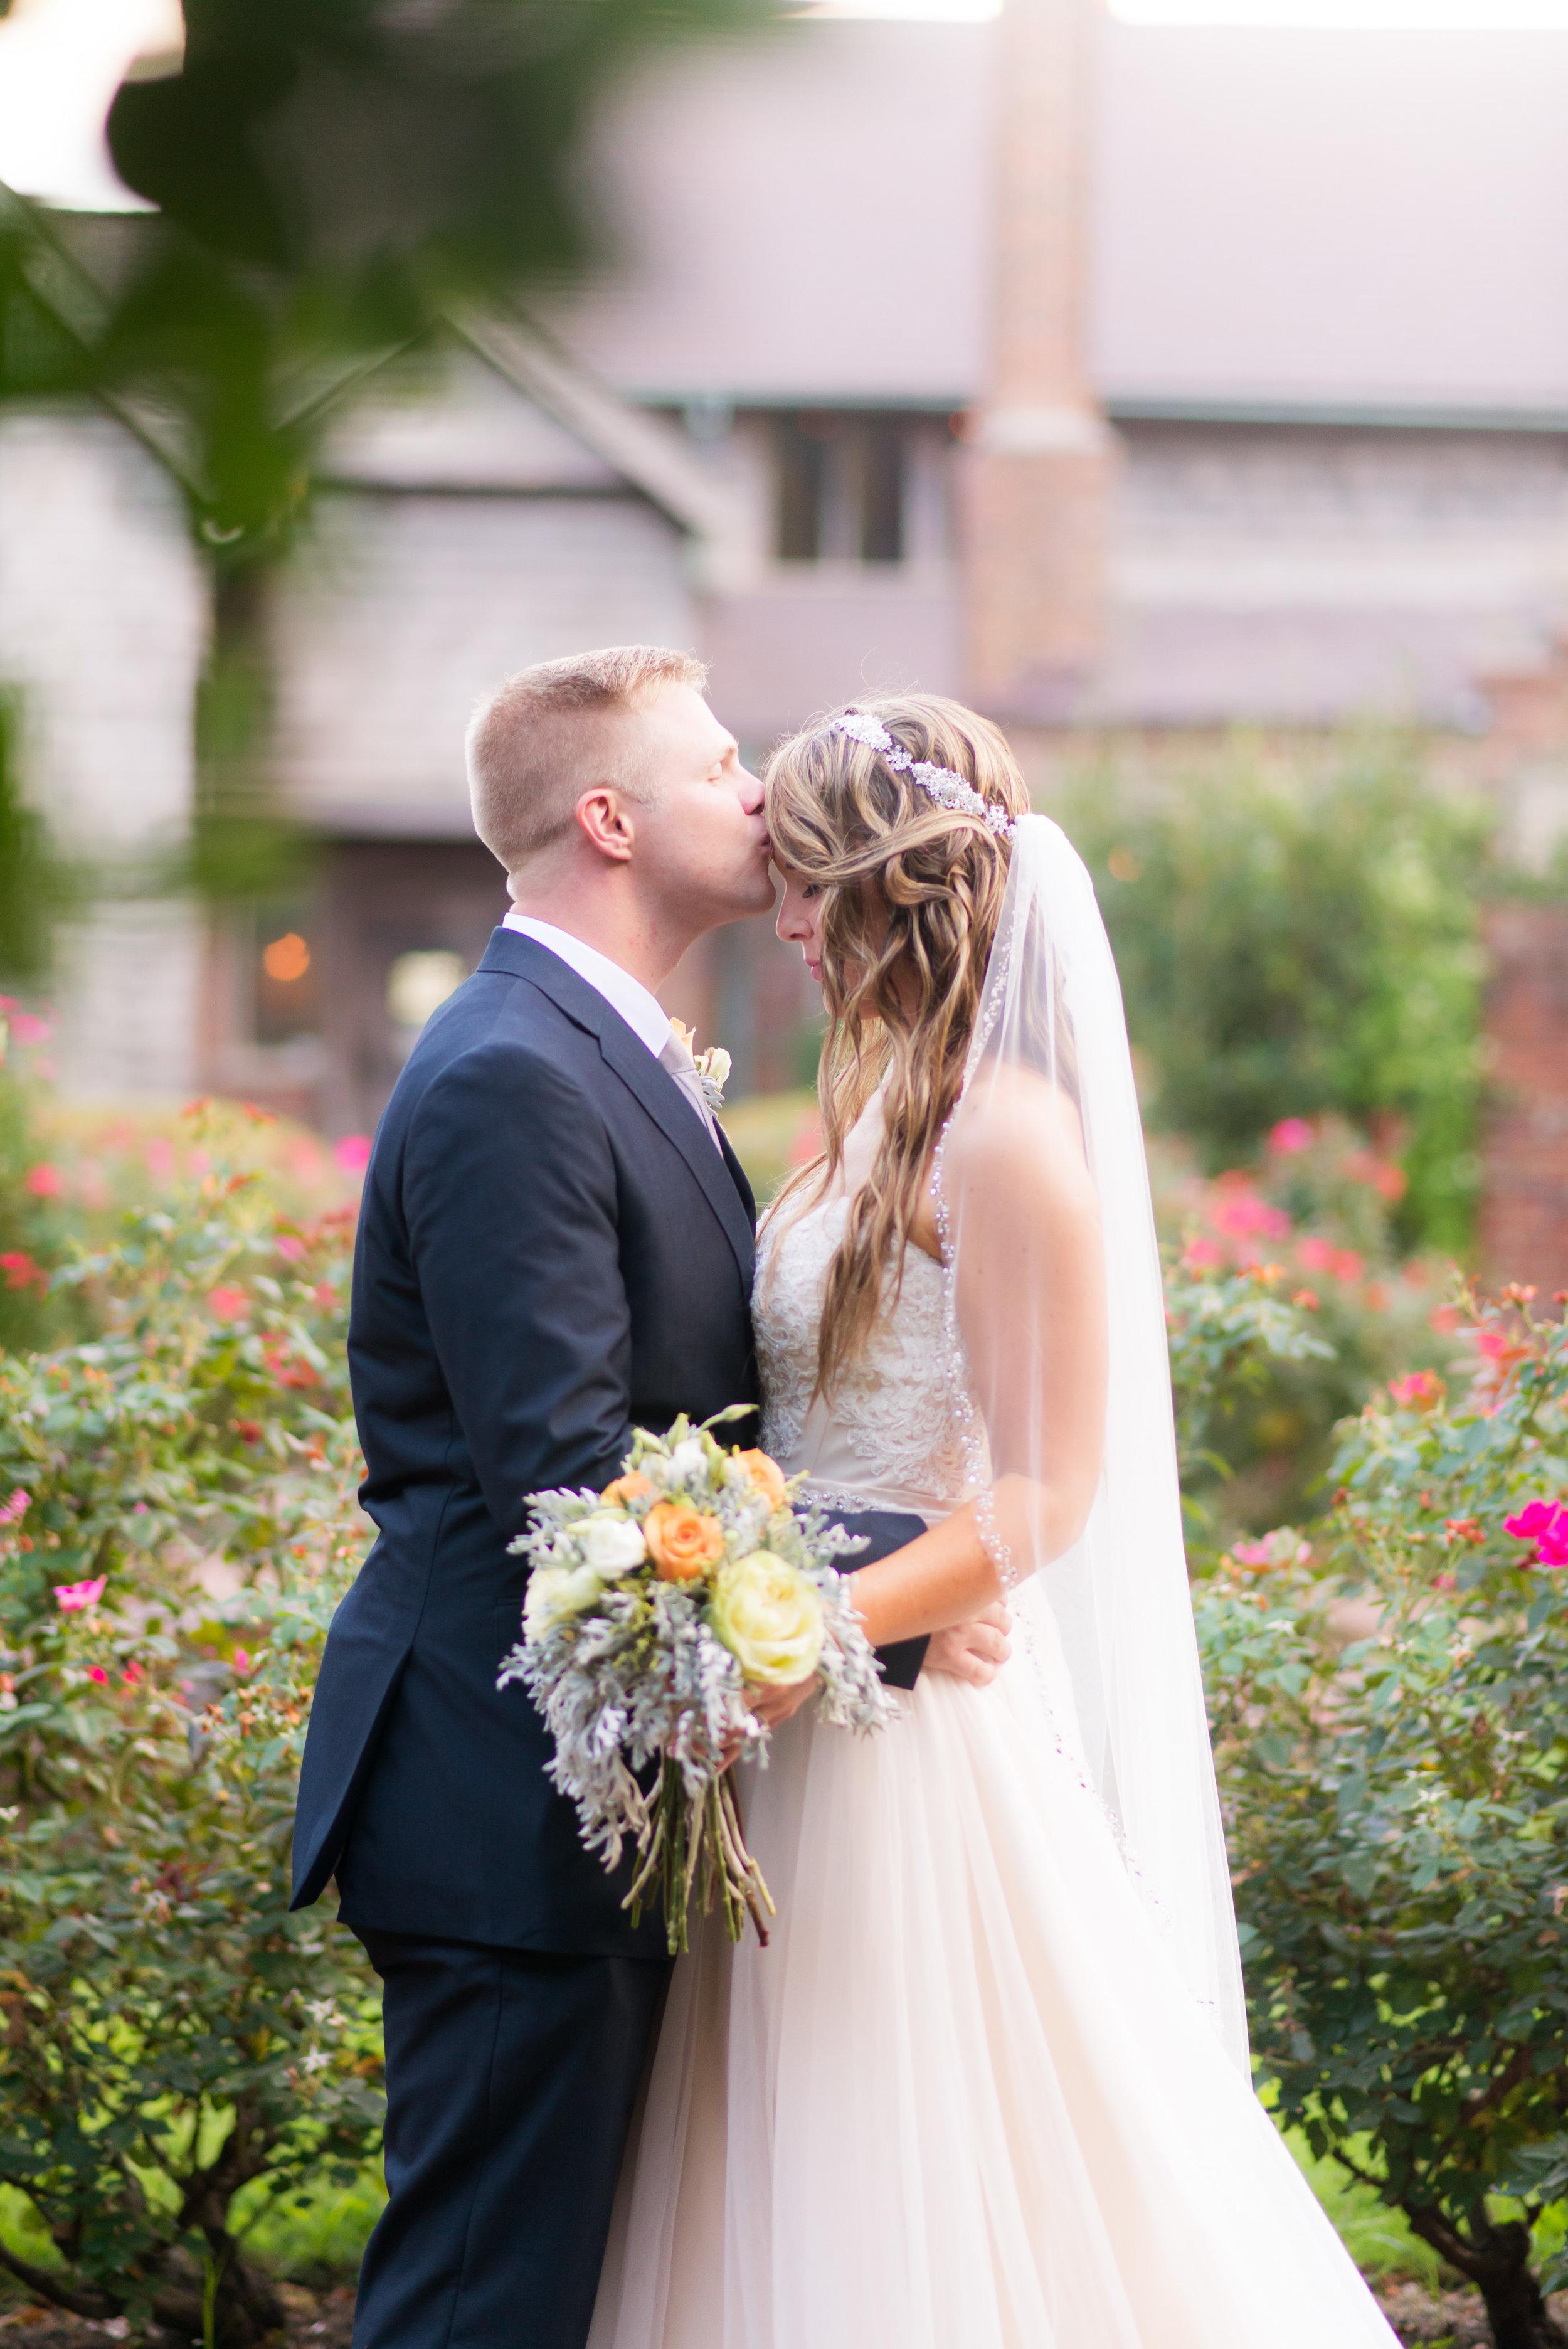 Rachael + William_Married377.JPG